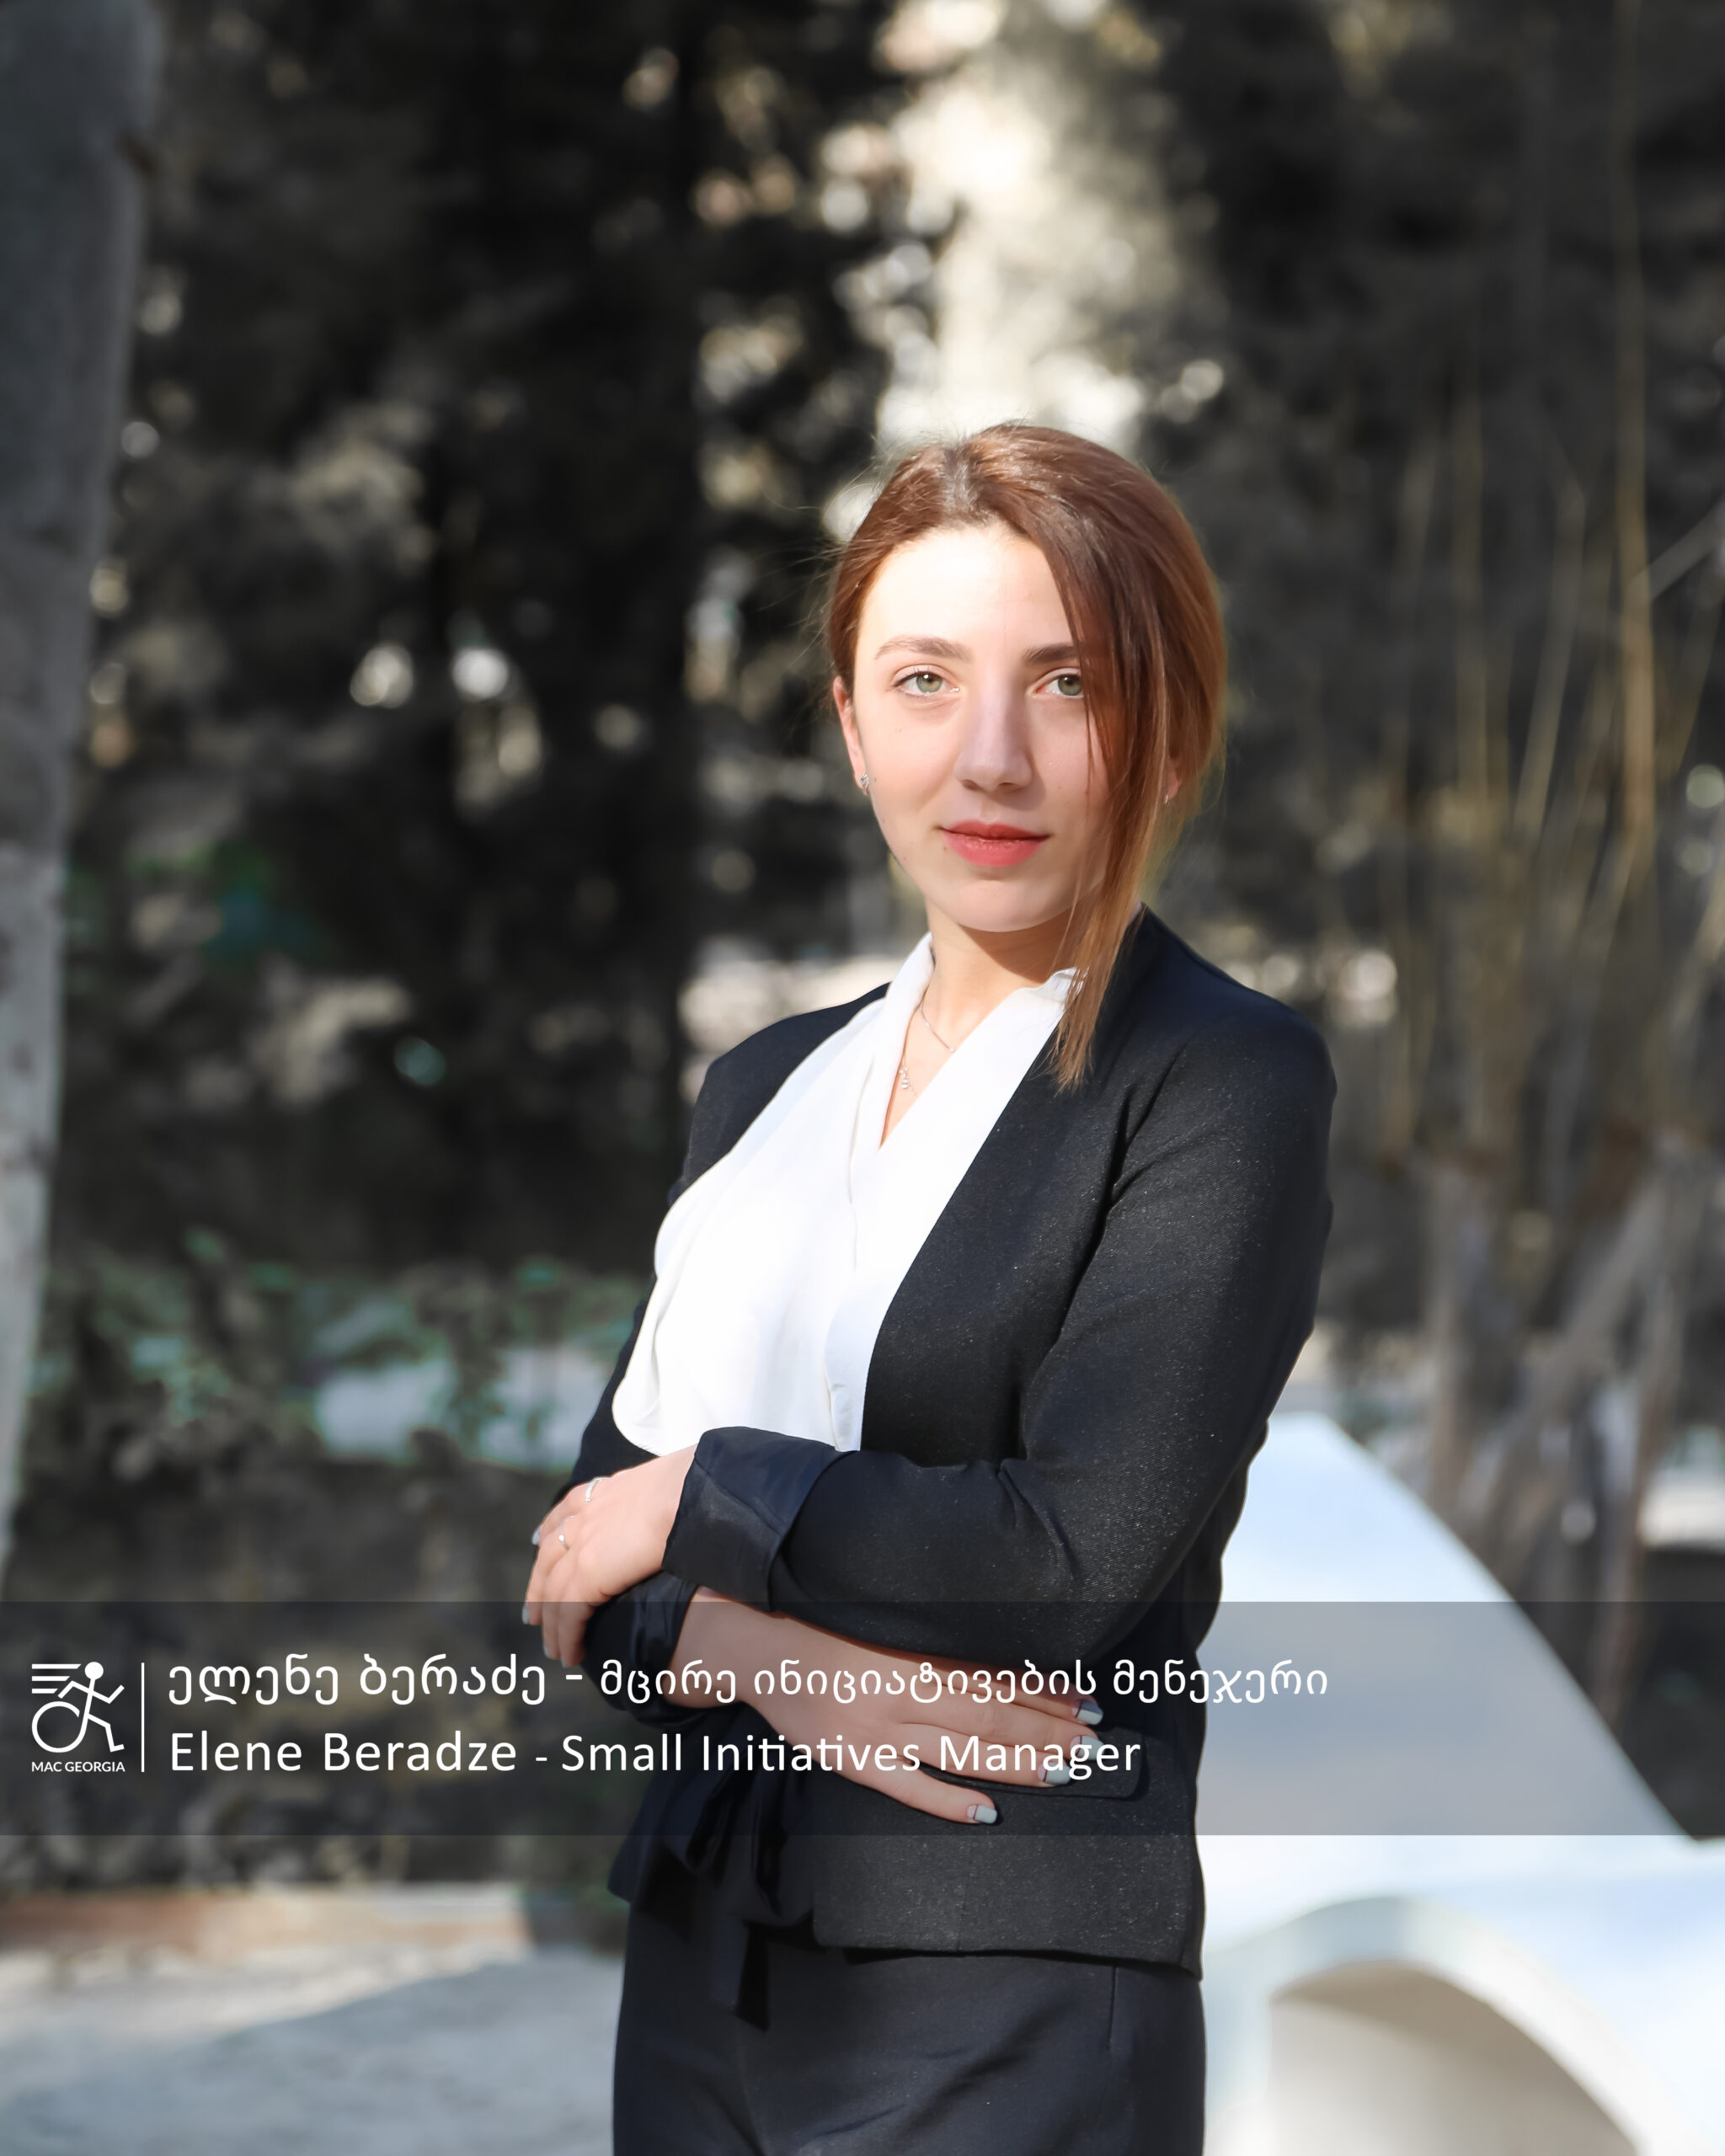 Elene Beradze